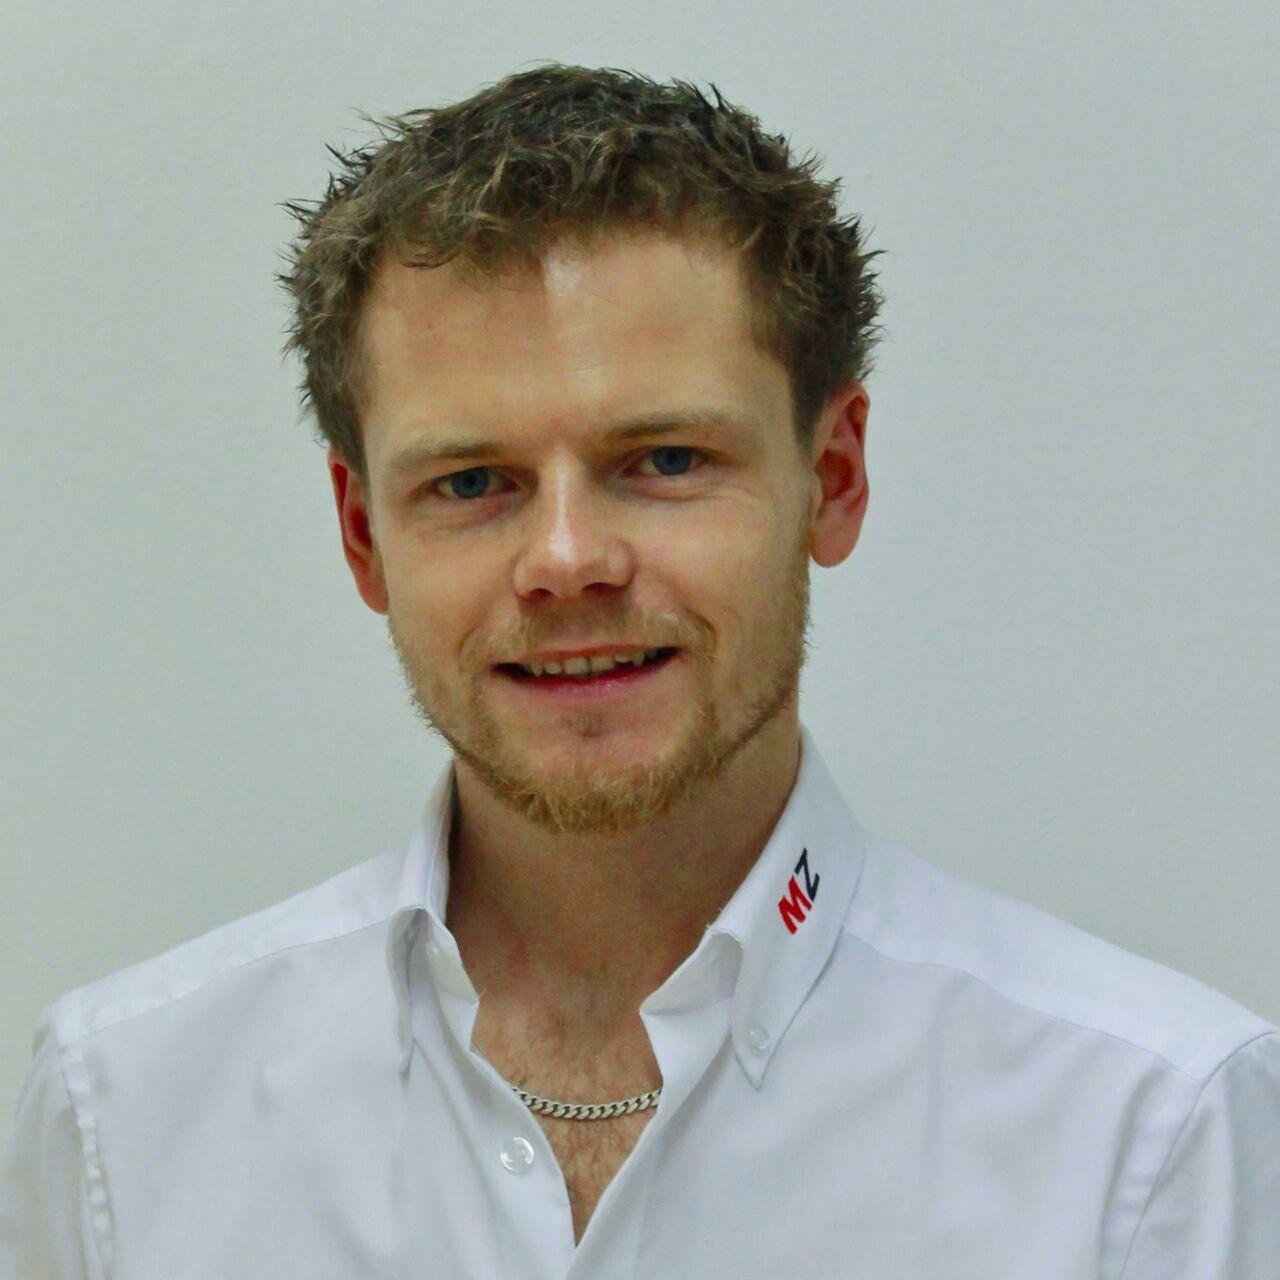 Markus Zehentner